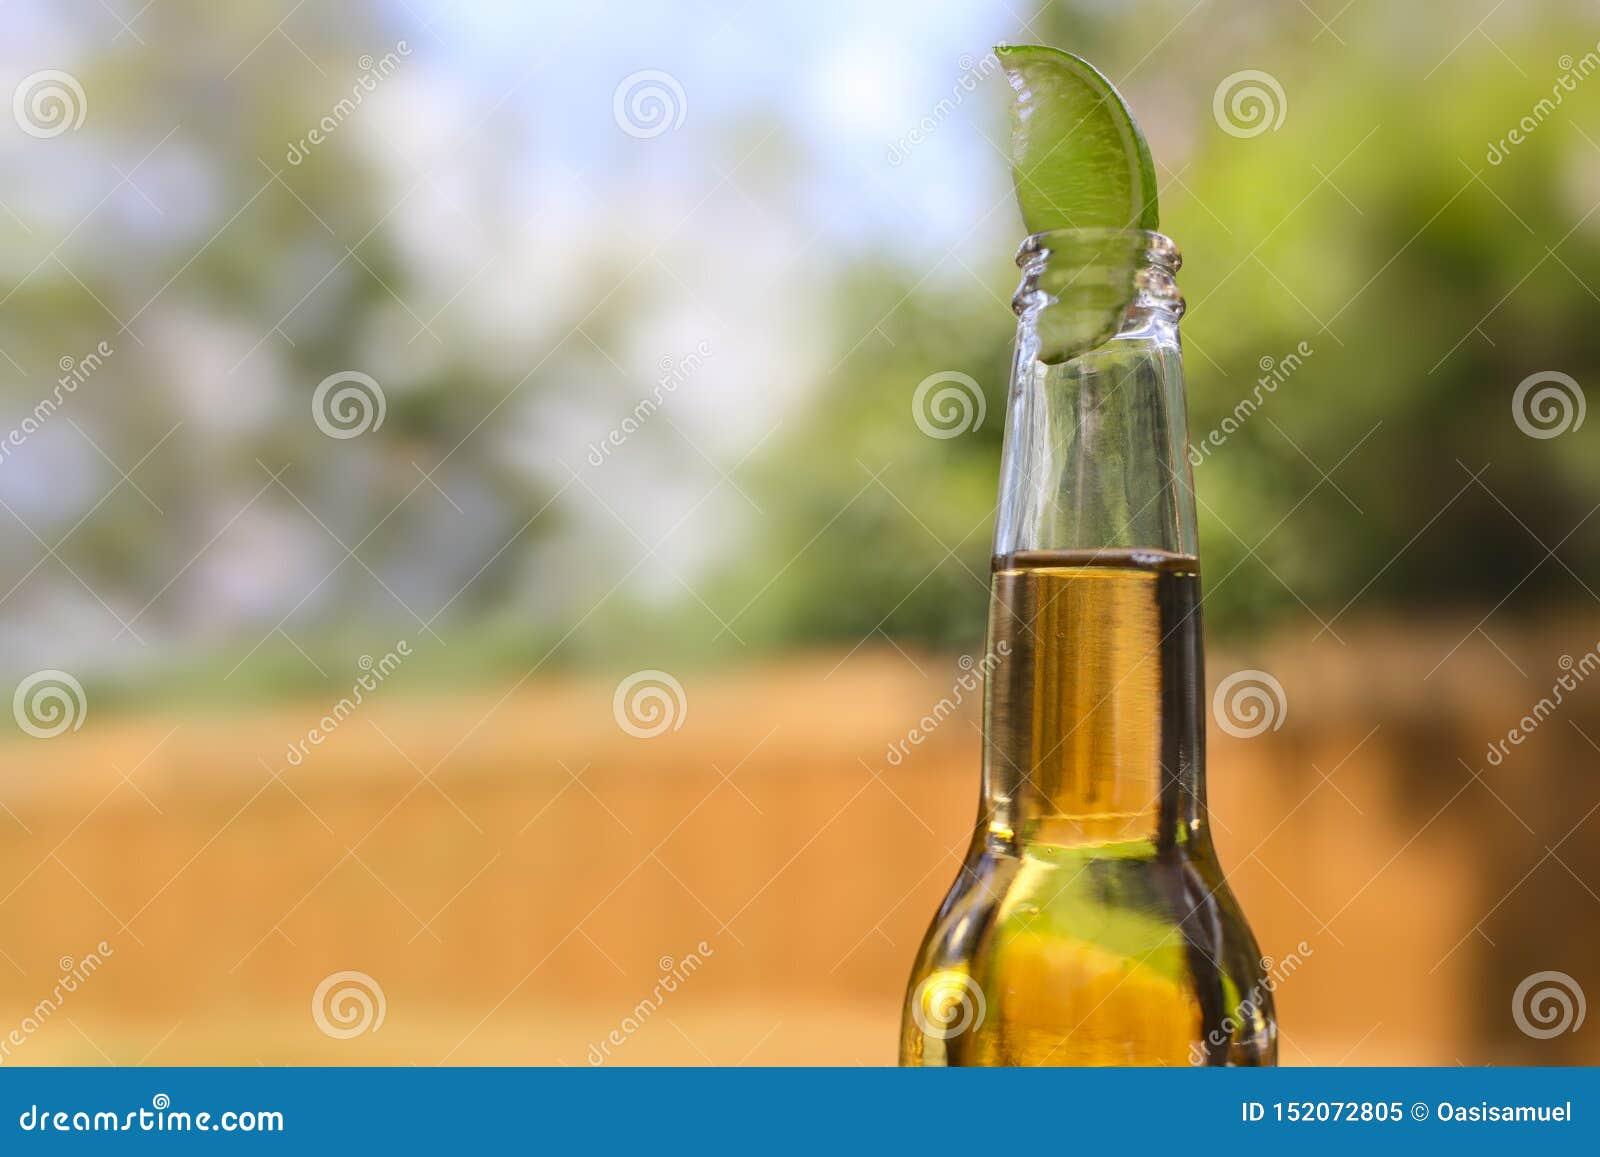 Bouteille à bière avec une chaux sur le dessus